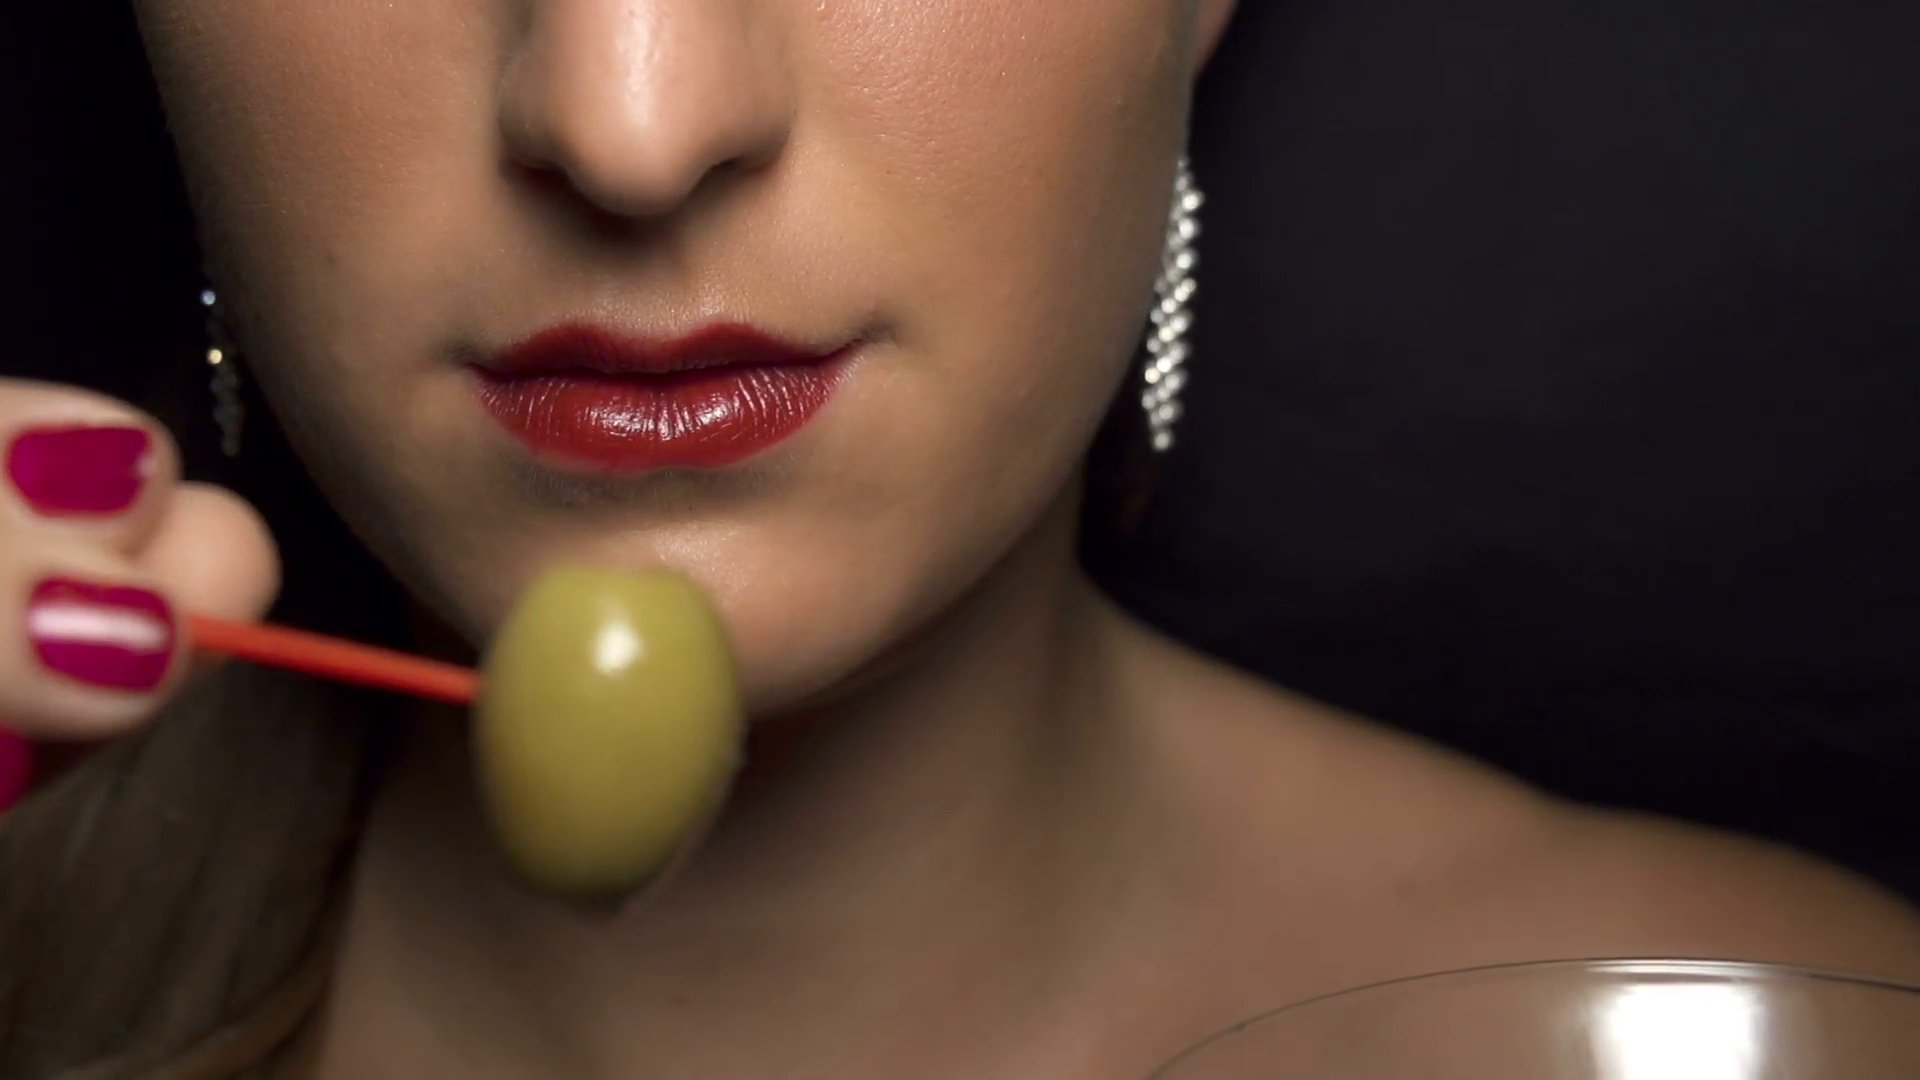 slow motion eating olive from martini glass nk2msewbl  f0002.png?resize=648,365 - Se você gosta de comer azeitonas ou chocolate amargo, é um sinal de que está ficando VELHO